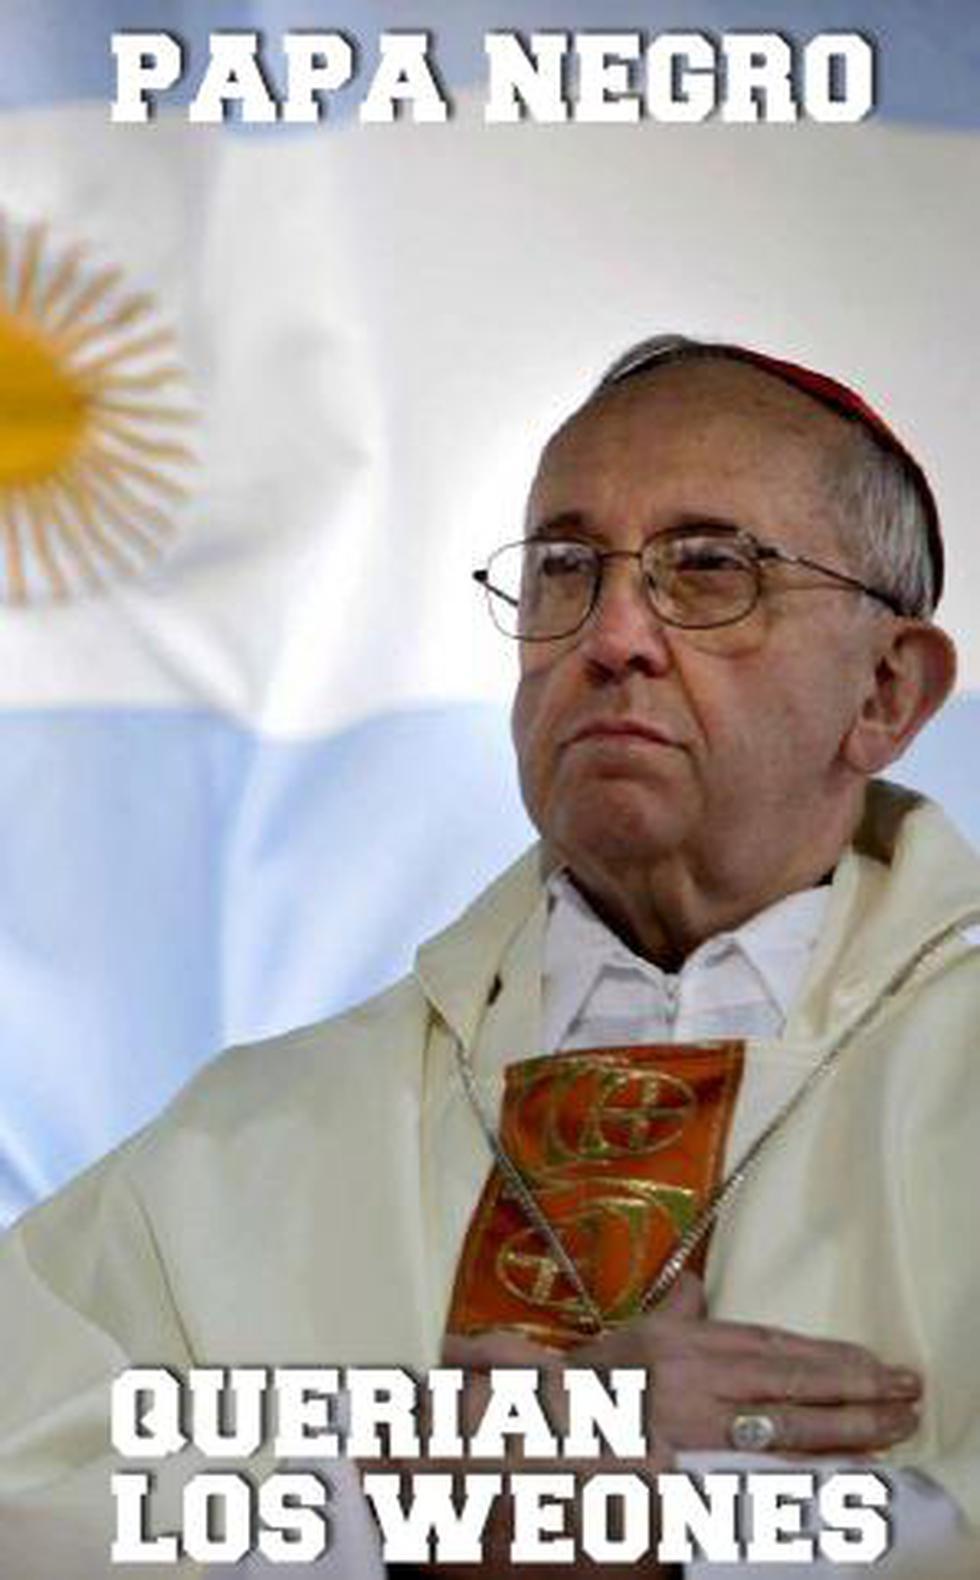 Argentinos comienzan a crear 'memes' sobre Papa Jorge Mario Bergoglio [FOTOS]